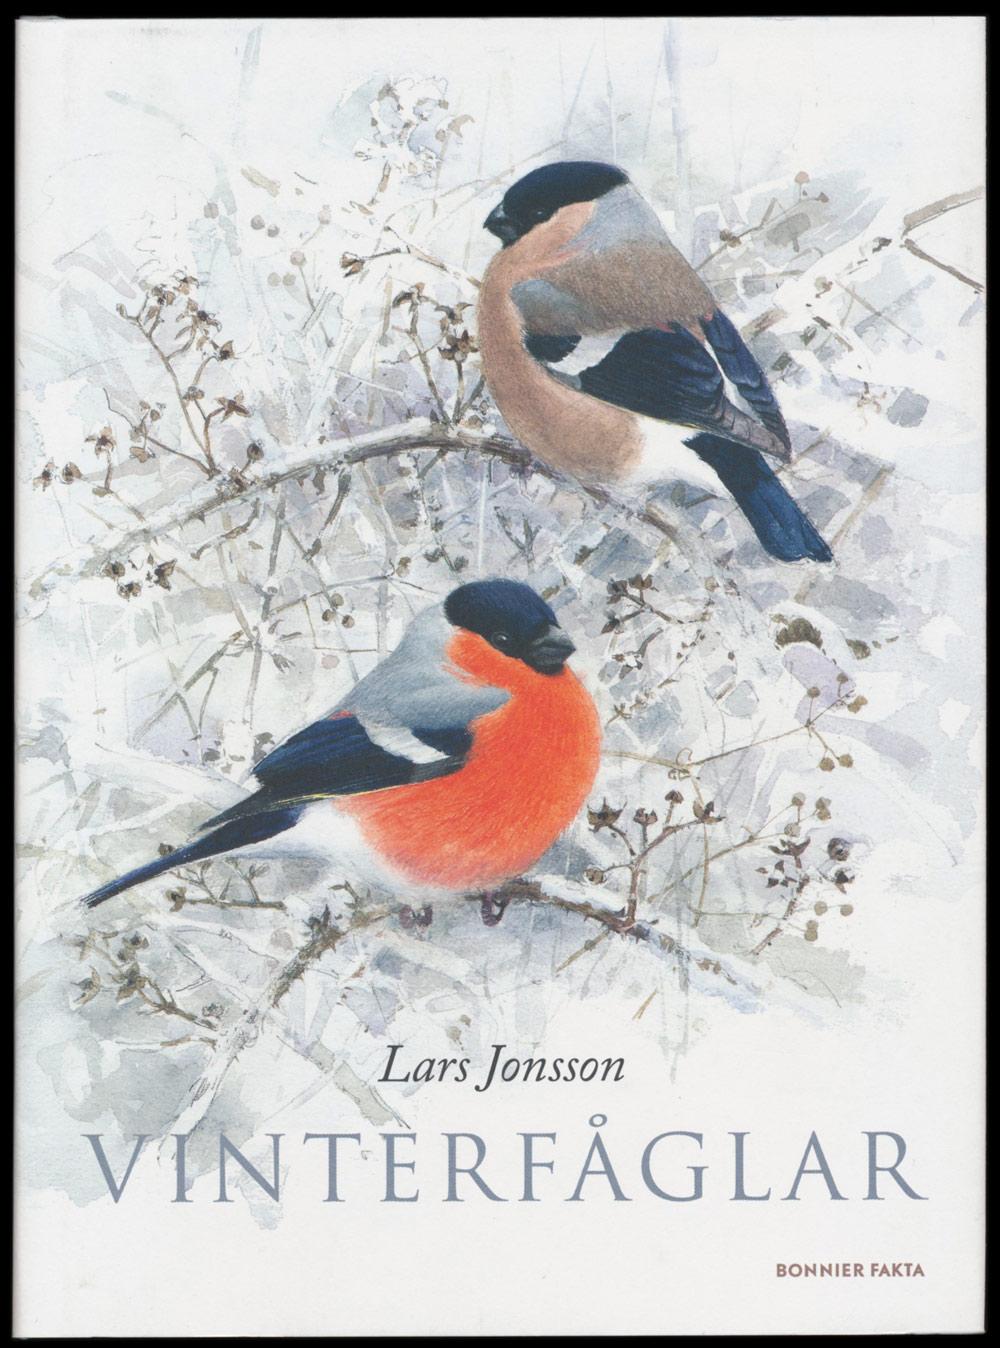 Vinterfåglar illustrerad och skriven av Lars Jonsson